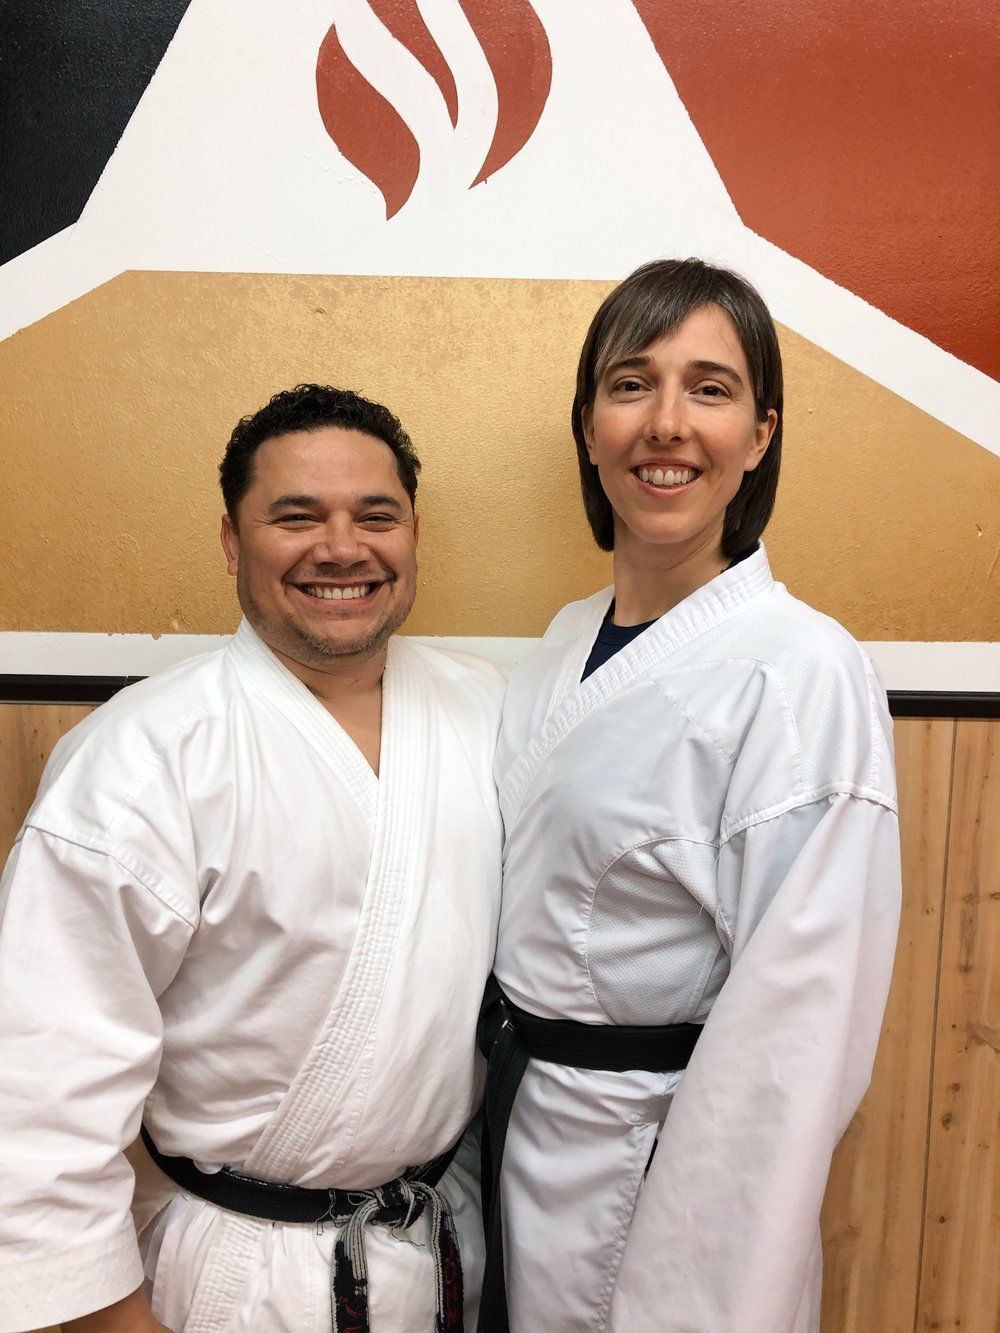 Mike and Sarah Franco at the Richland Dojo